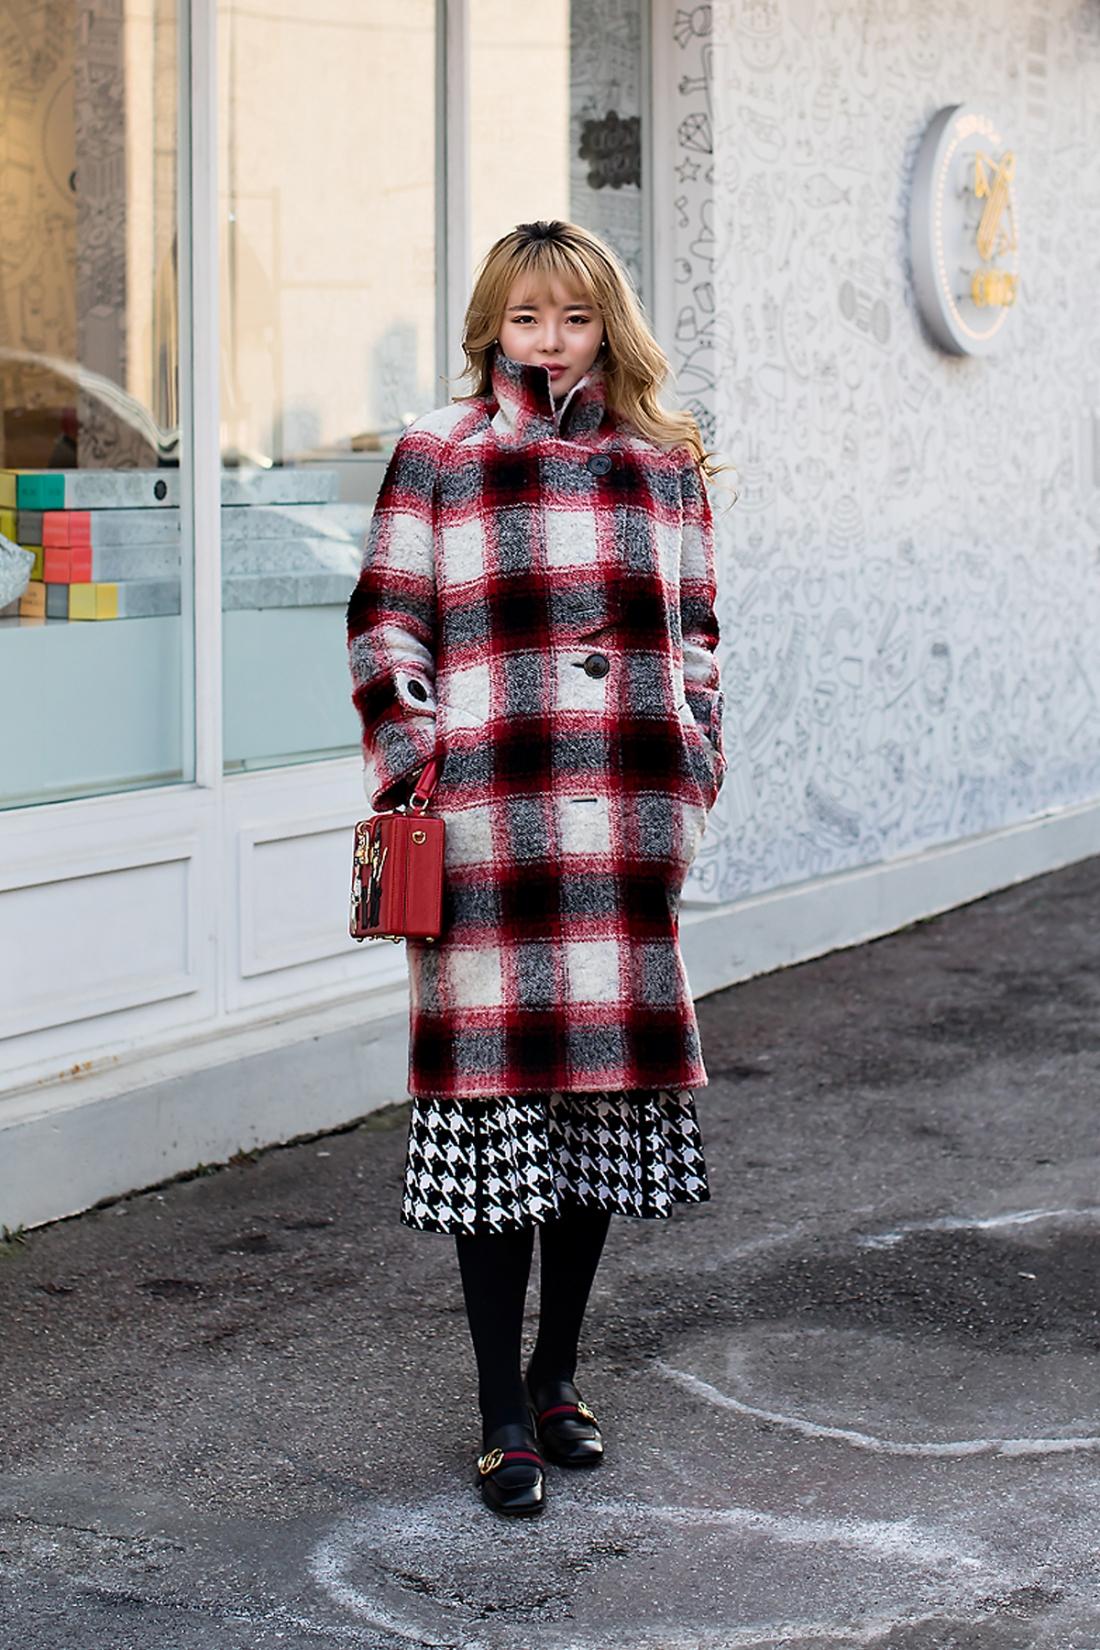 Ma Sunsun, Street Fashion 2017 in SEOUL.jpg